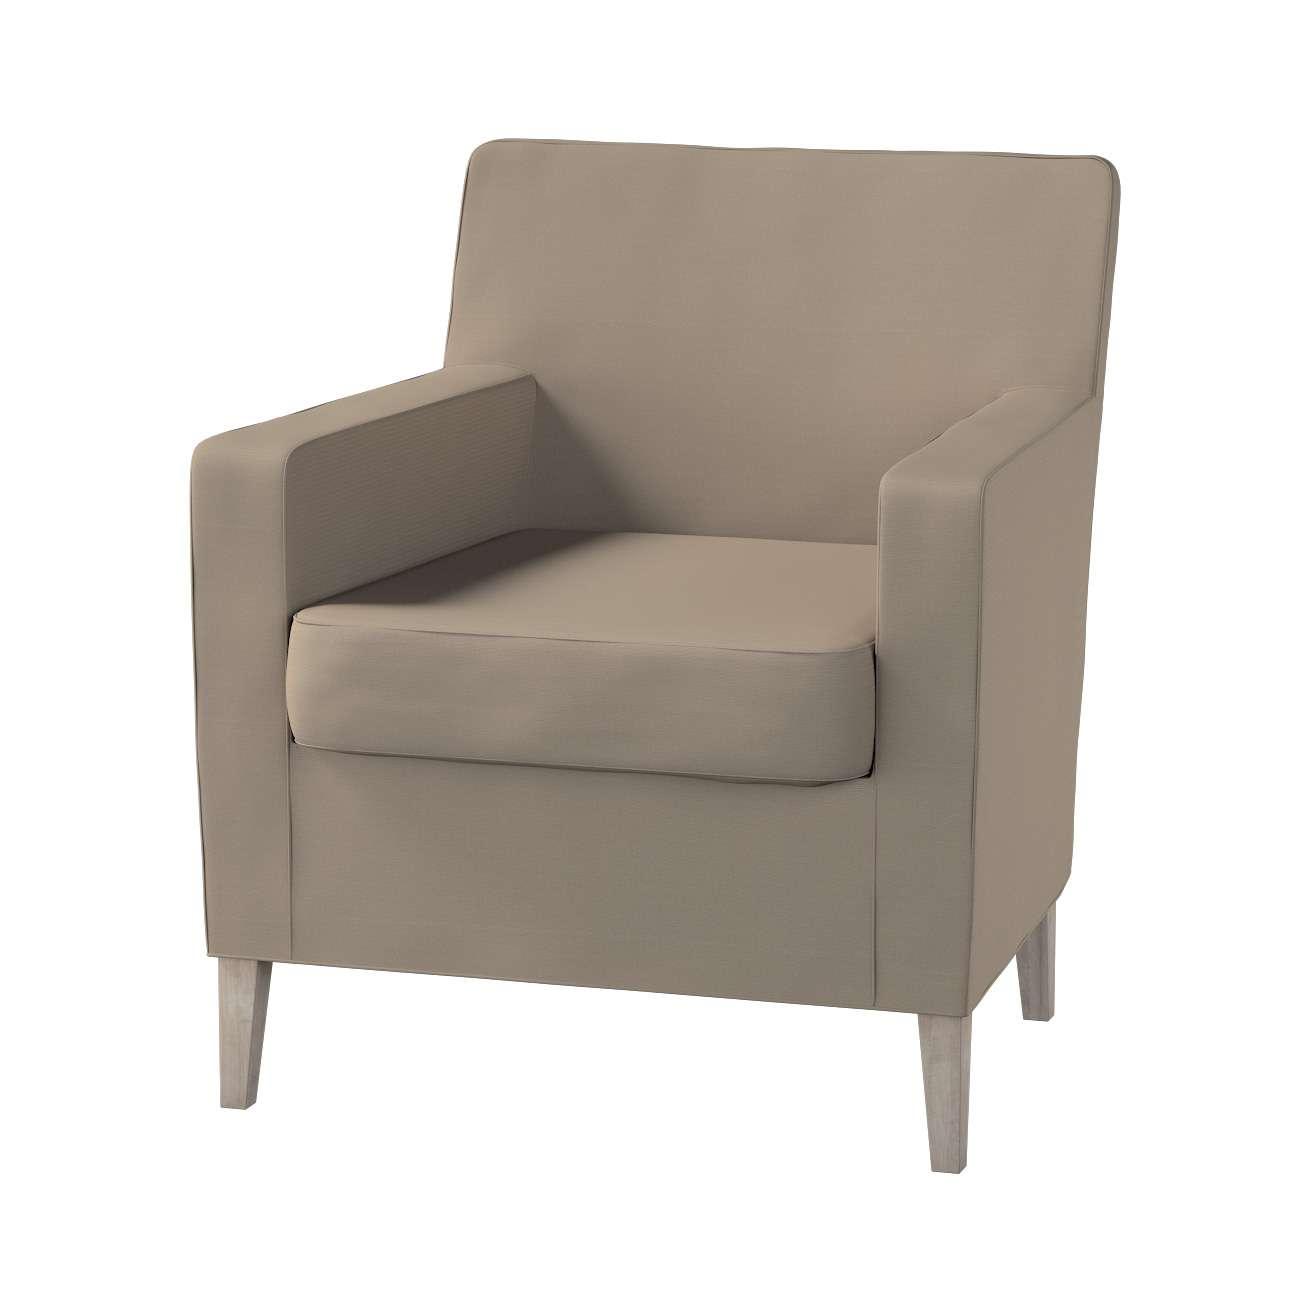 Karlstad fotelio-kėdės užvalkalas Karlstad fotelio - kėdės užvalkalas kolekcijoje Cotton Panama, audinys: 702-28